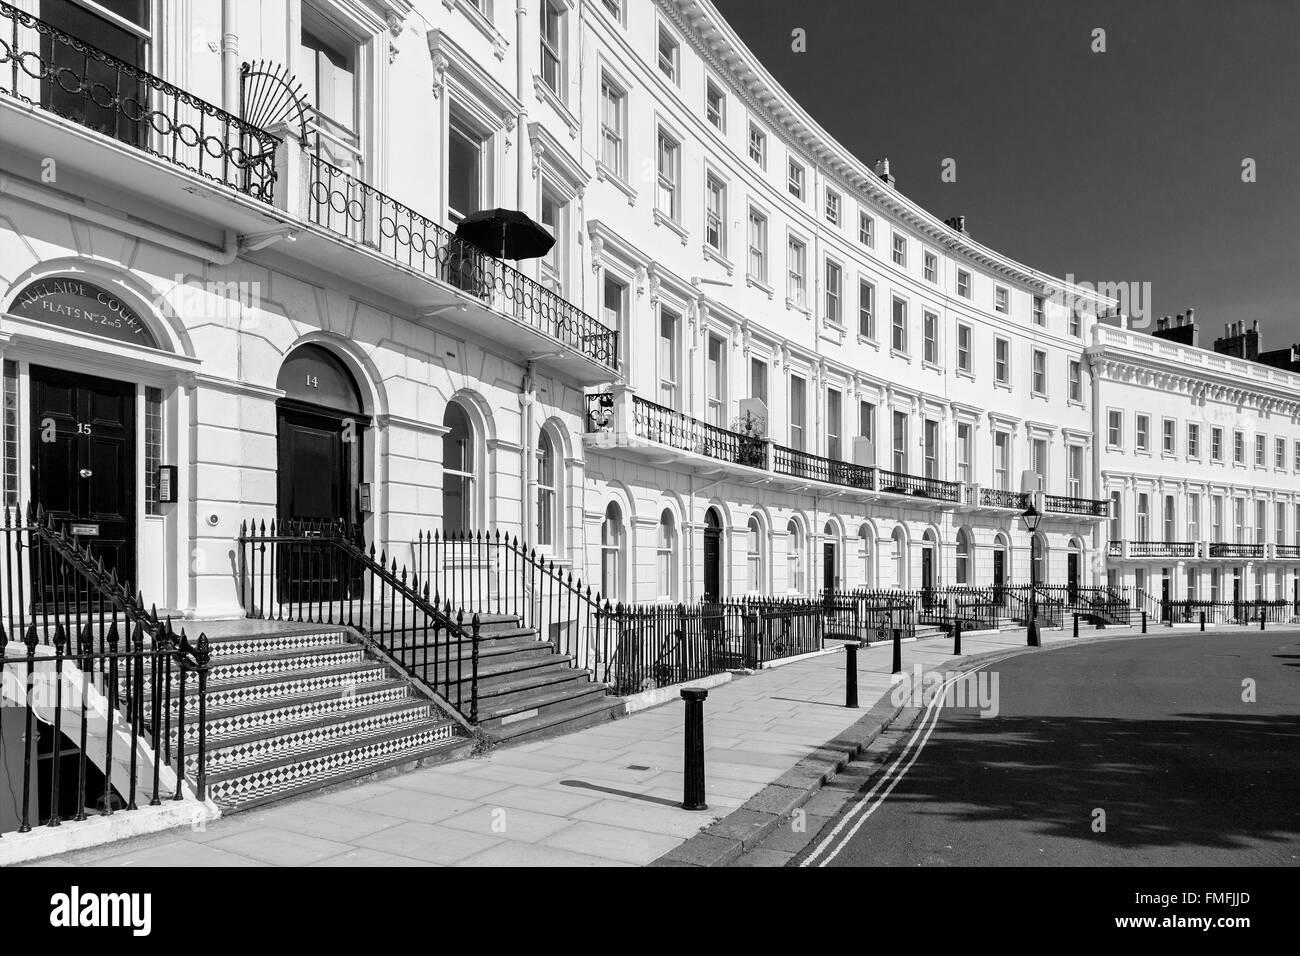 Brighton e Hove regency / Edwardian / architettura vittoriana, illustrante è passato. tenements REGNO UNITO Immagini Stock